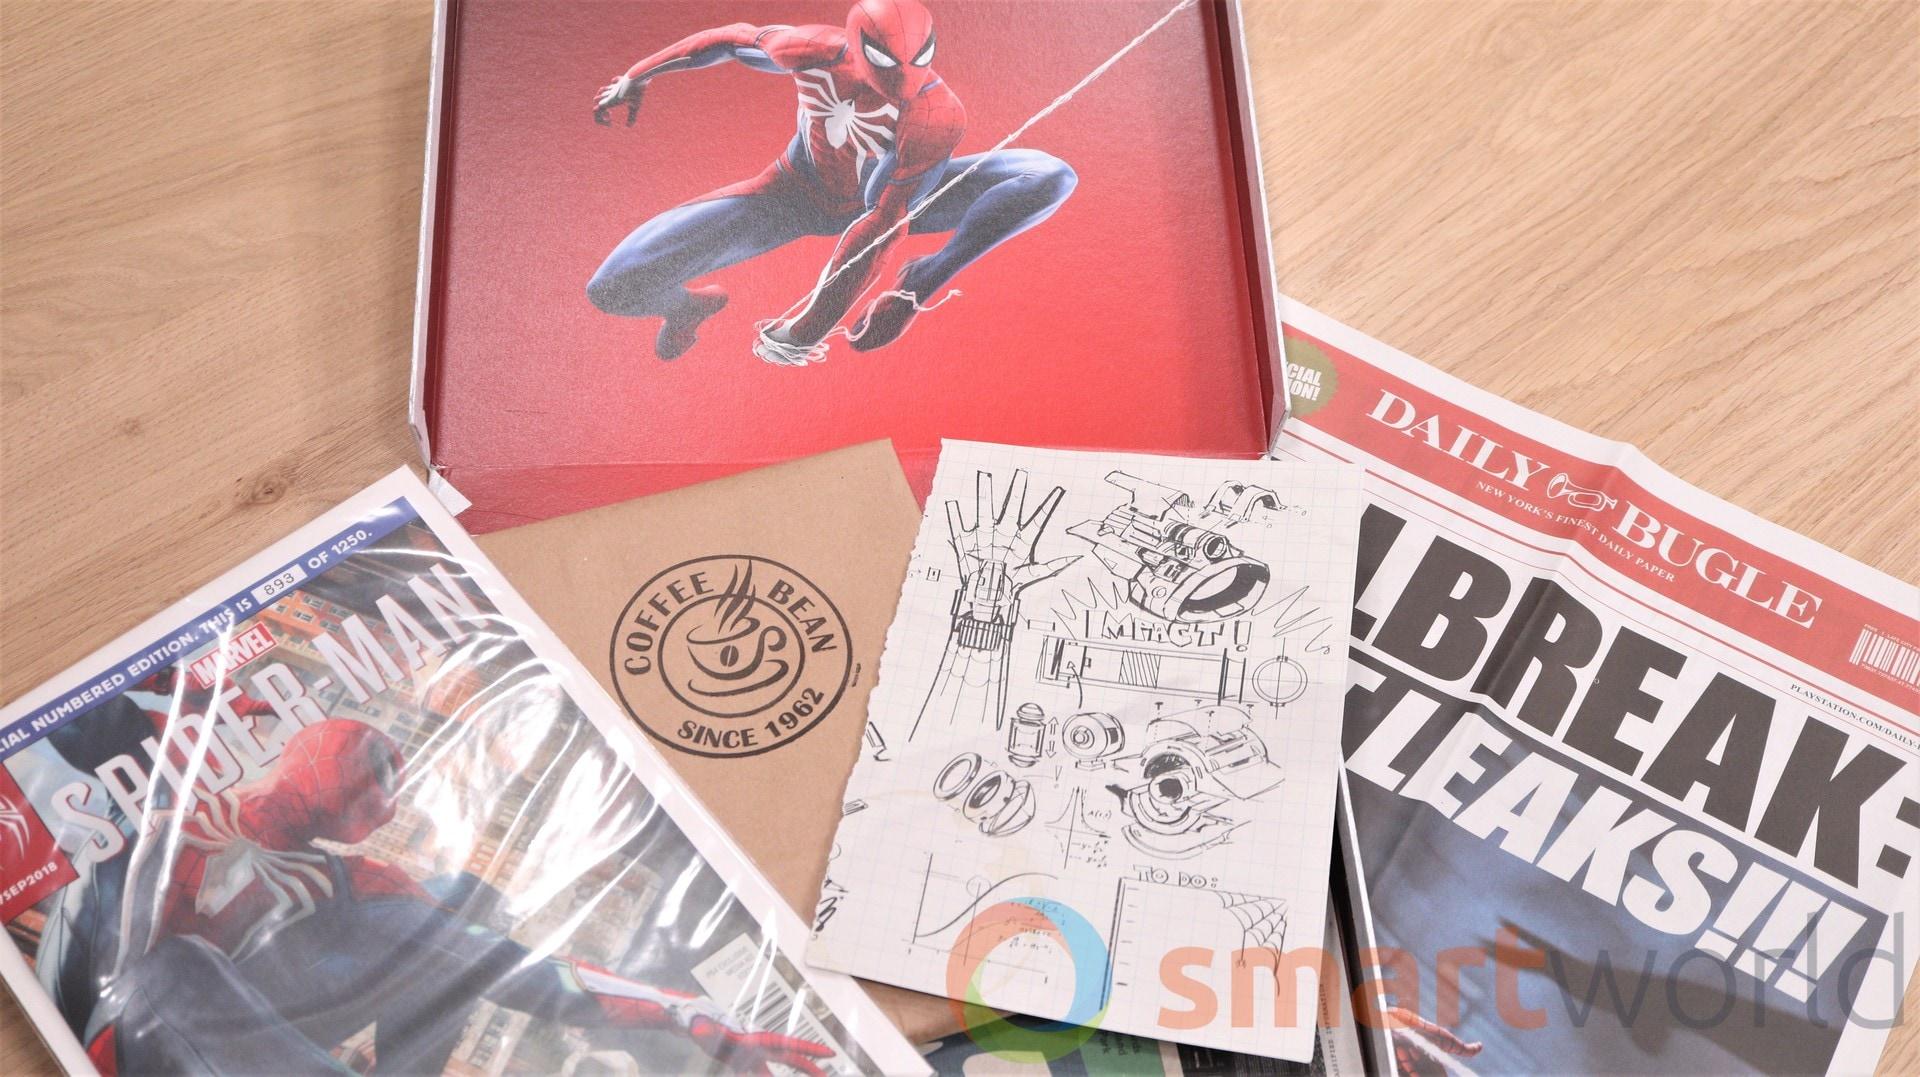 Marvel's Spider-Man Media Kit Unboxing (9)